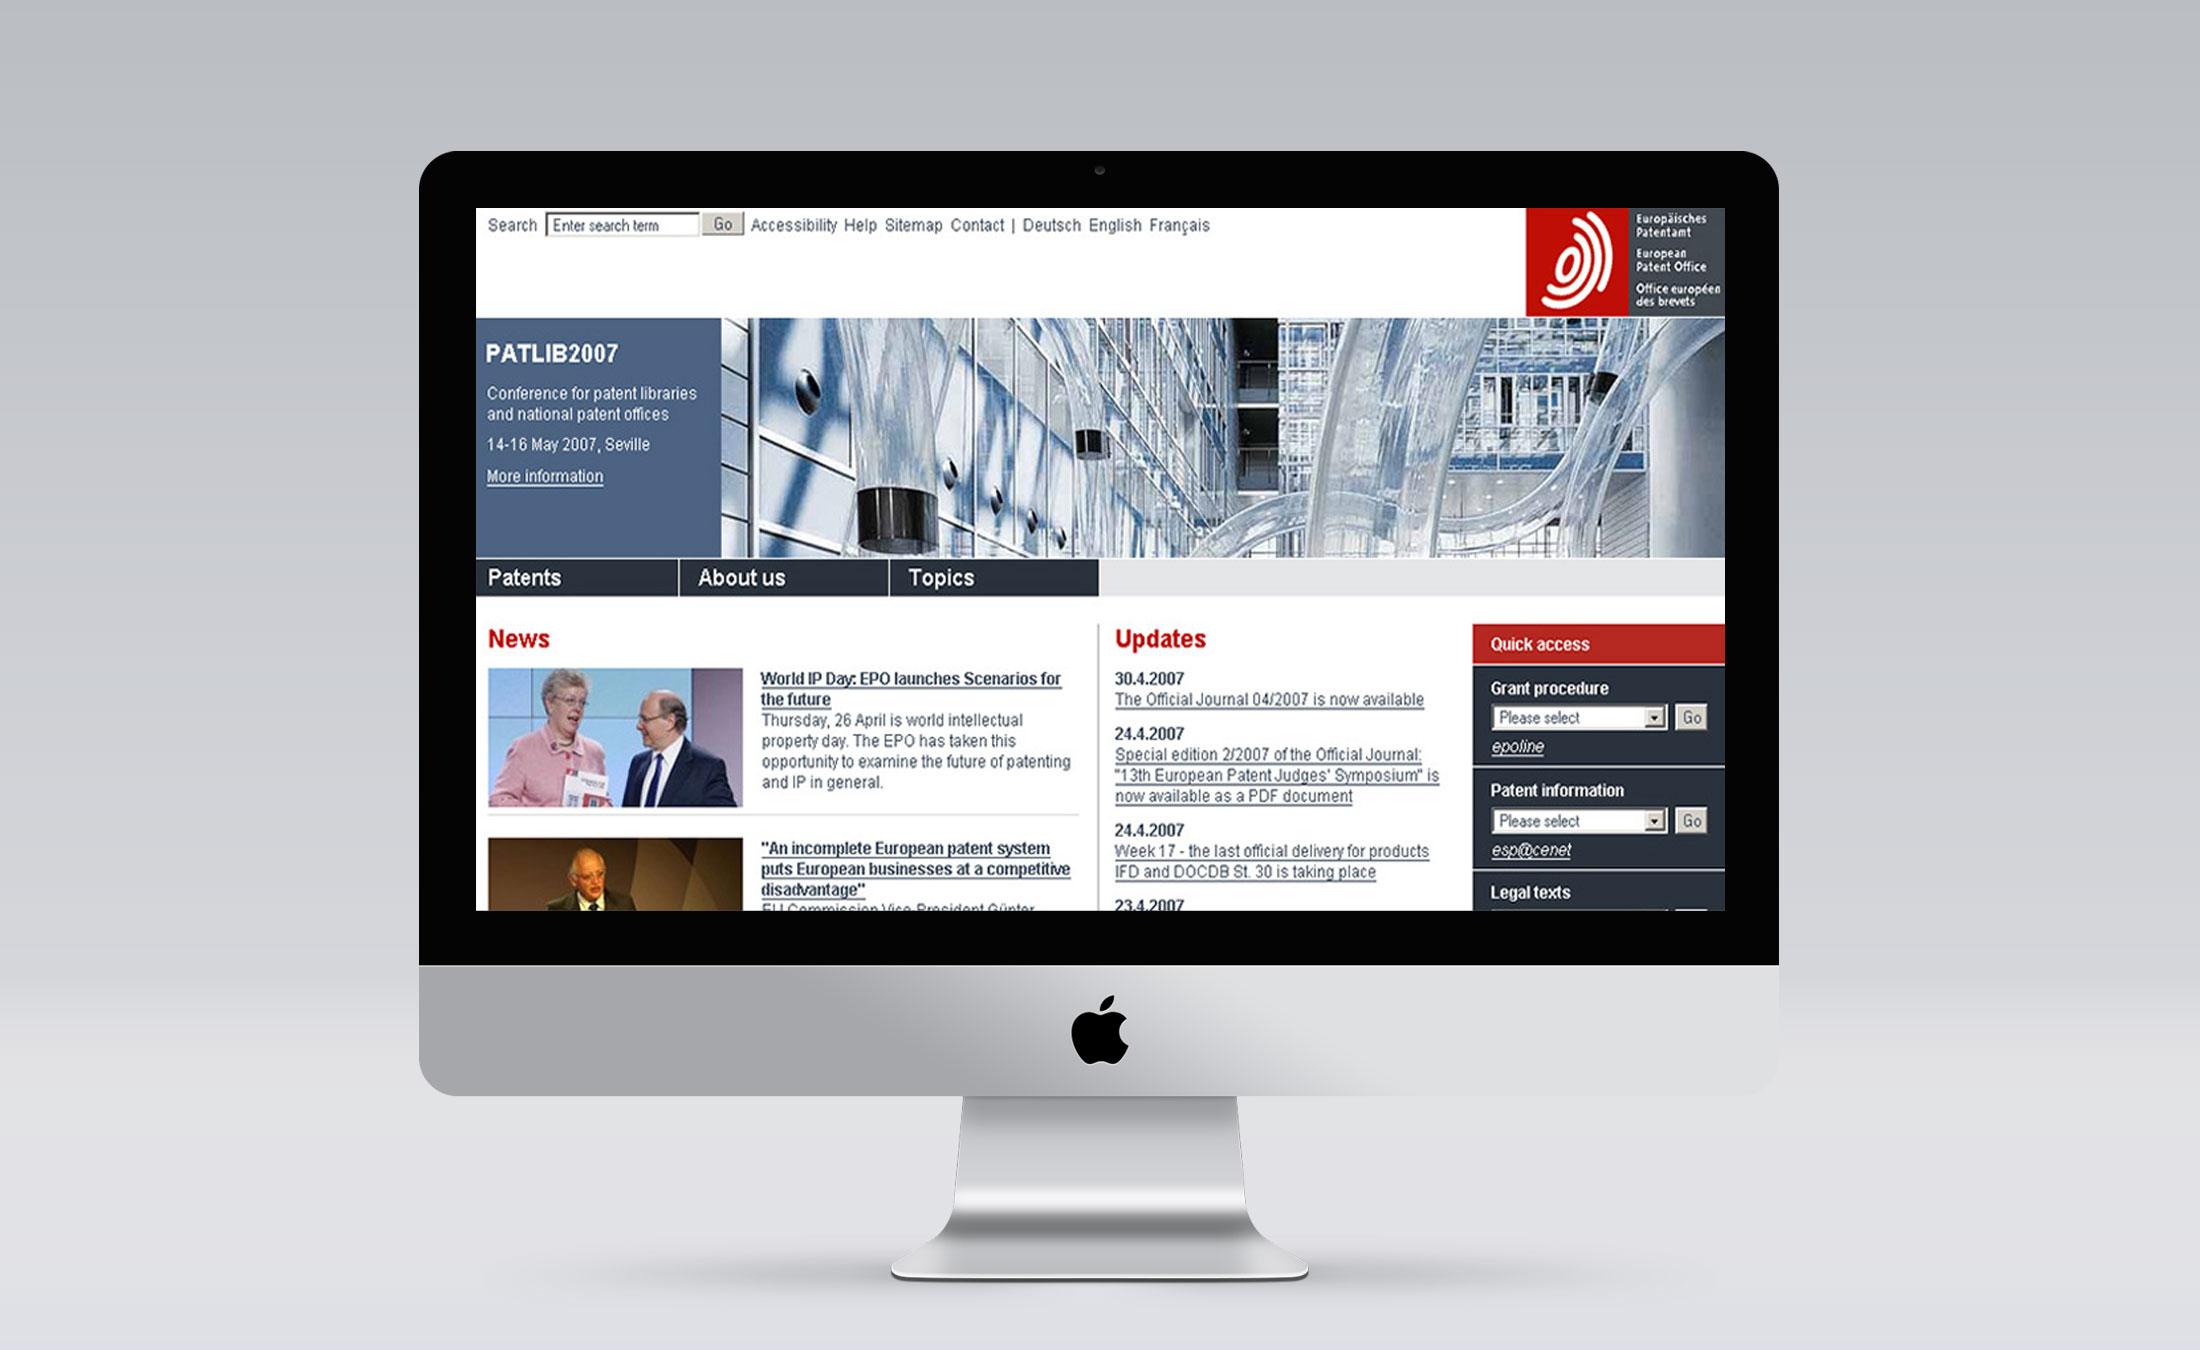 Europaeisches Patentamt Screen 1